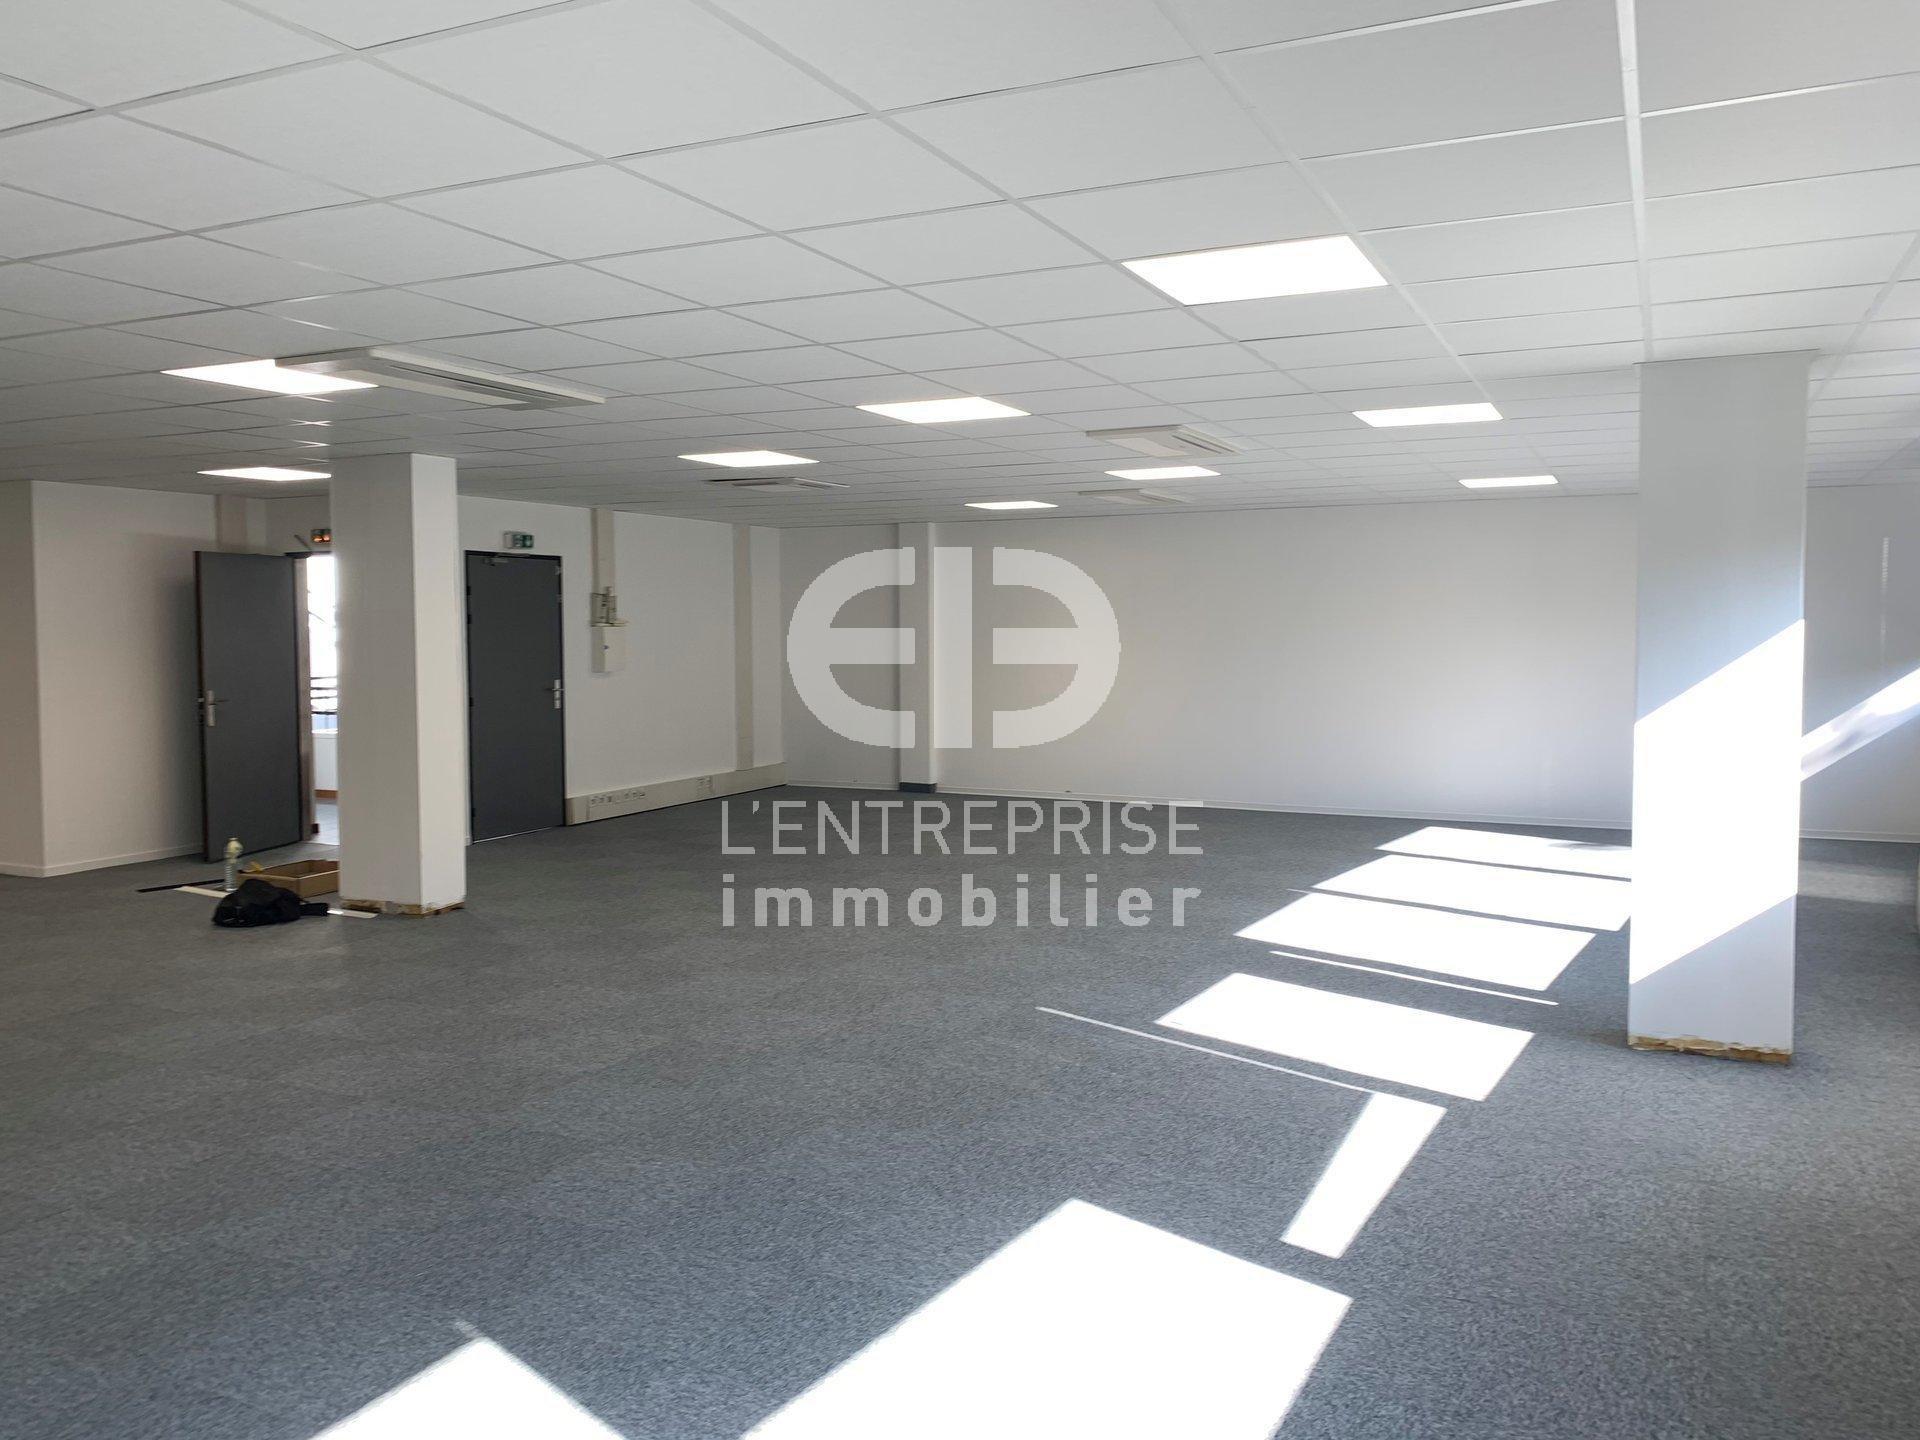 A LOUER, BUREAUX 155 m² ENVIRON, SECTEUR SOPHIA ANTIPOLIS